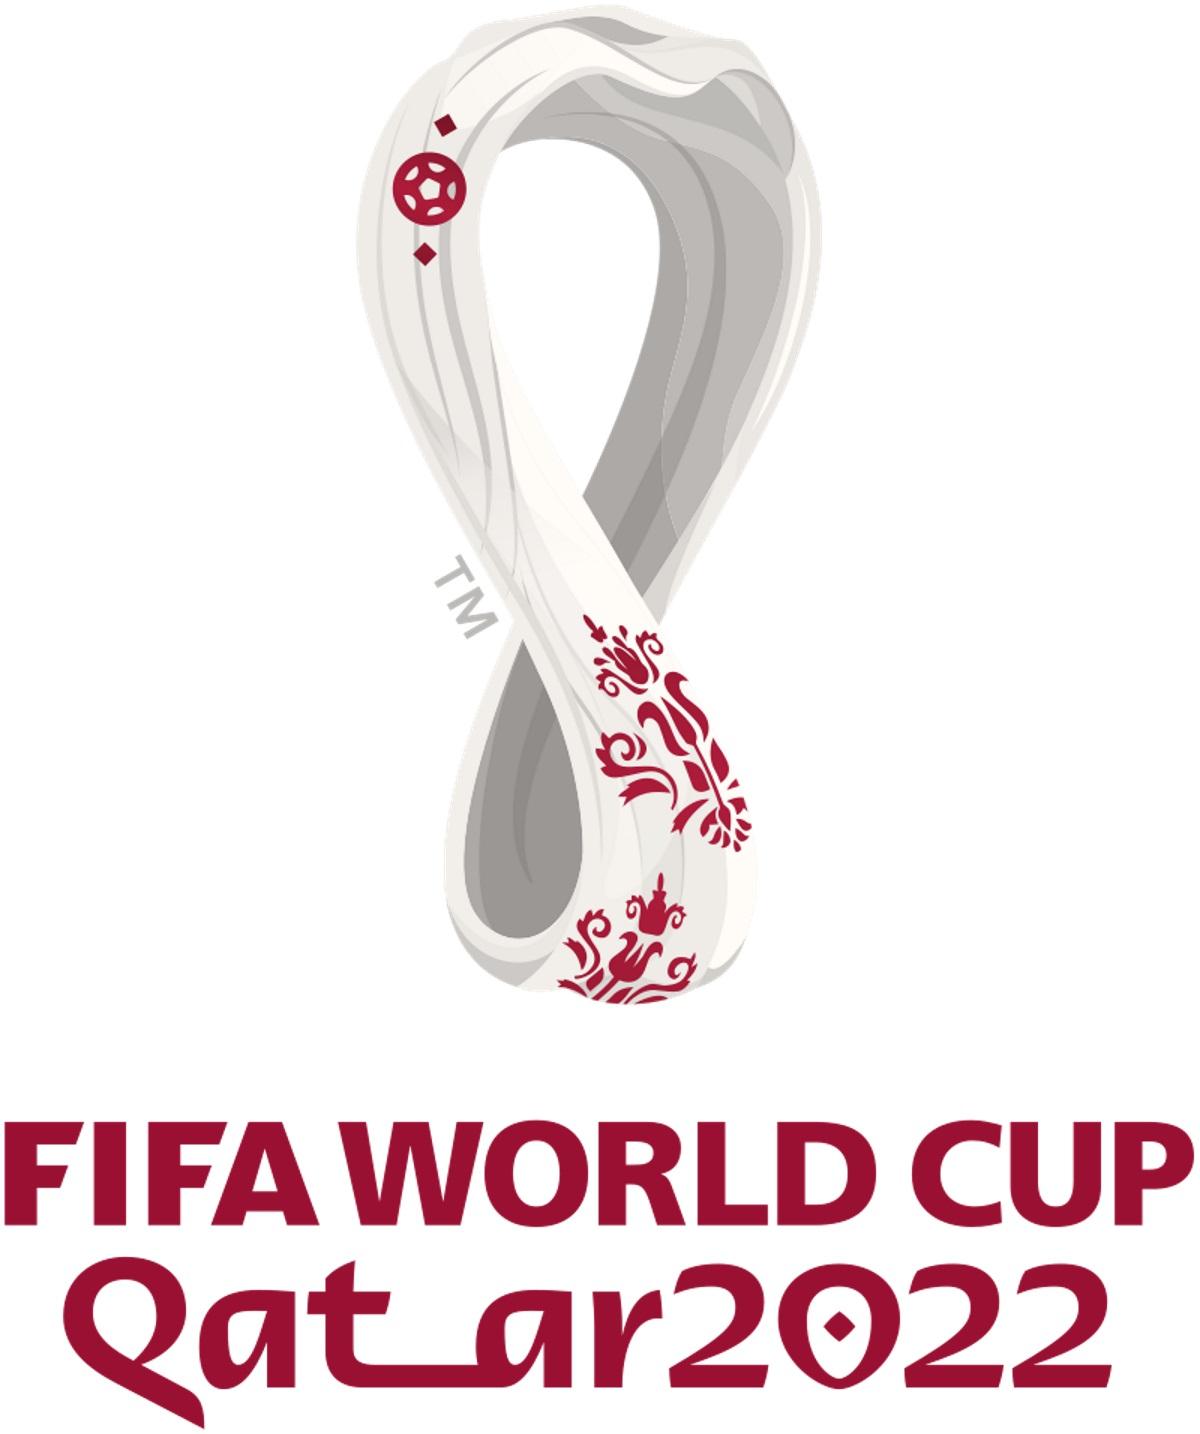 Το Μουντιάλ 2022 παίζει αποκλειστικά στον ΑΝΤ1